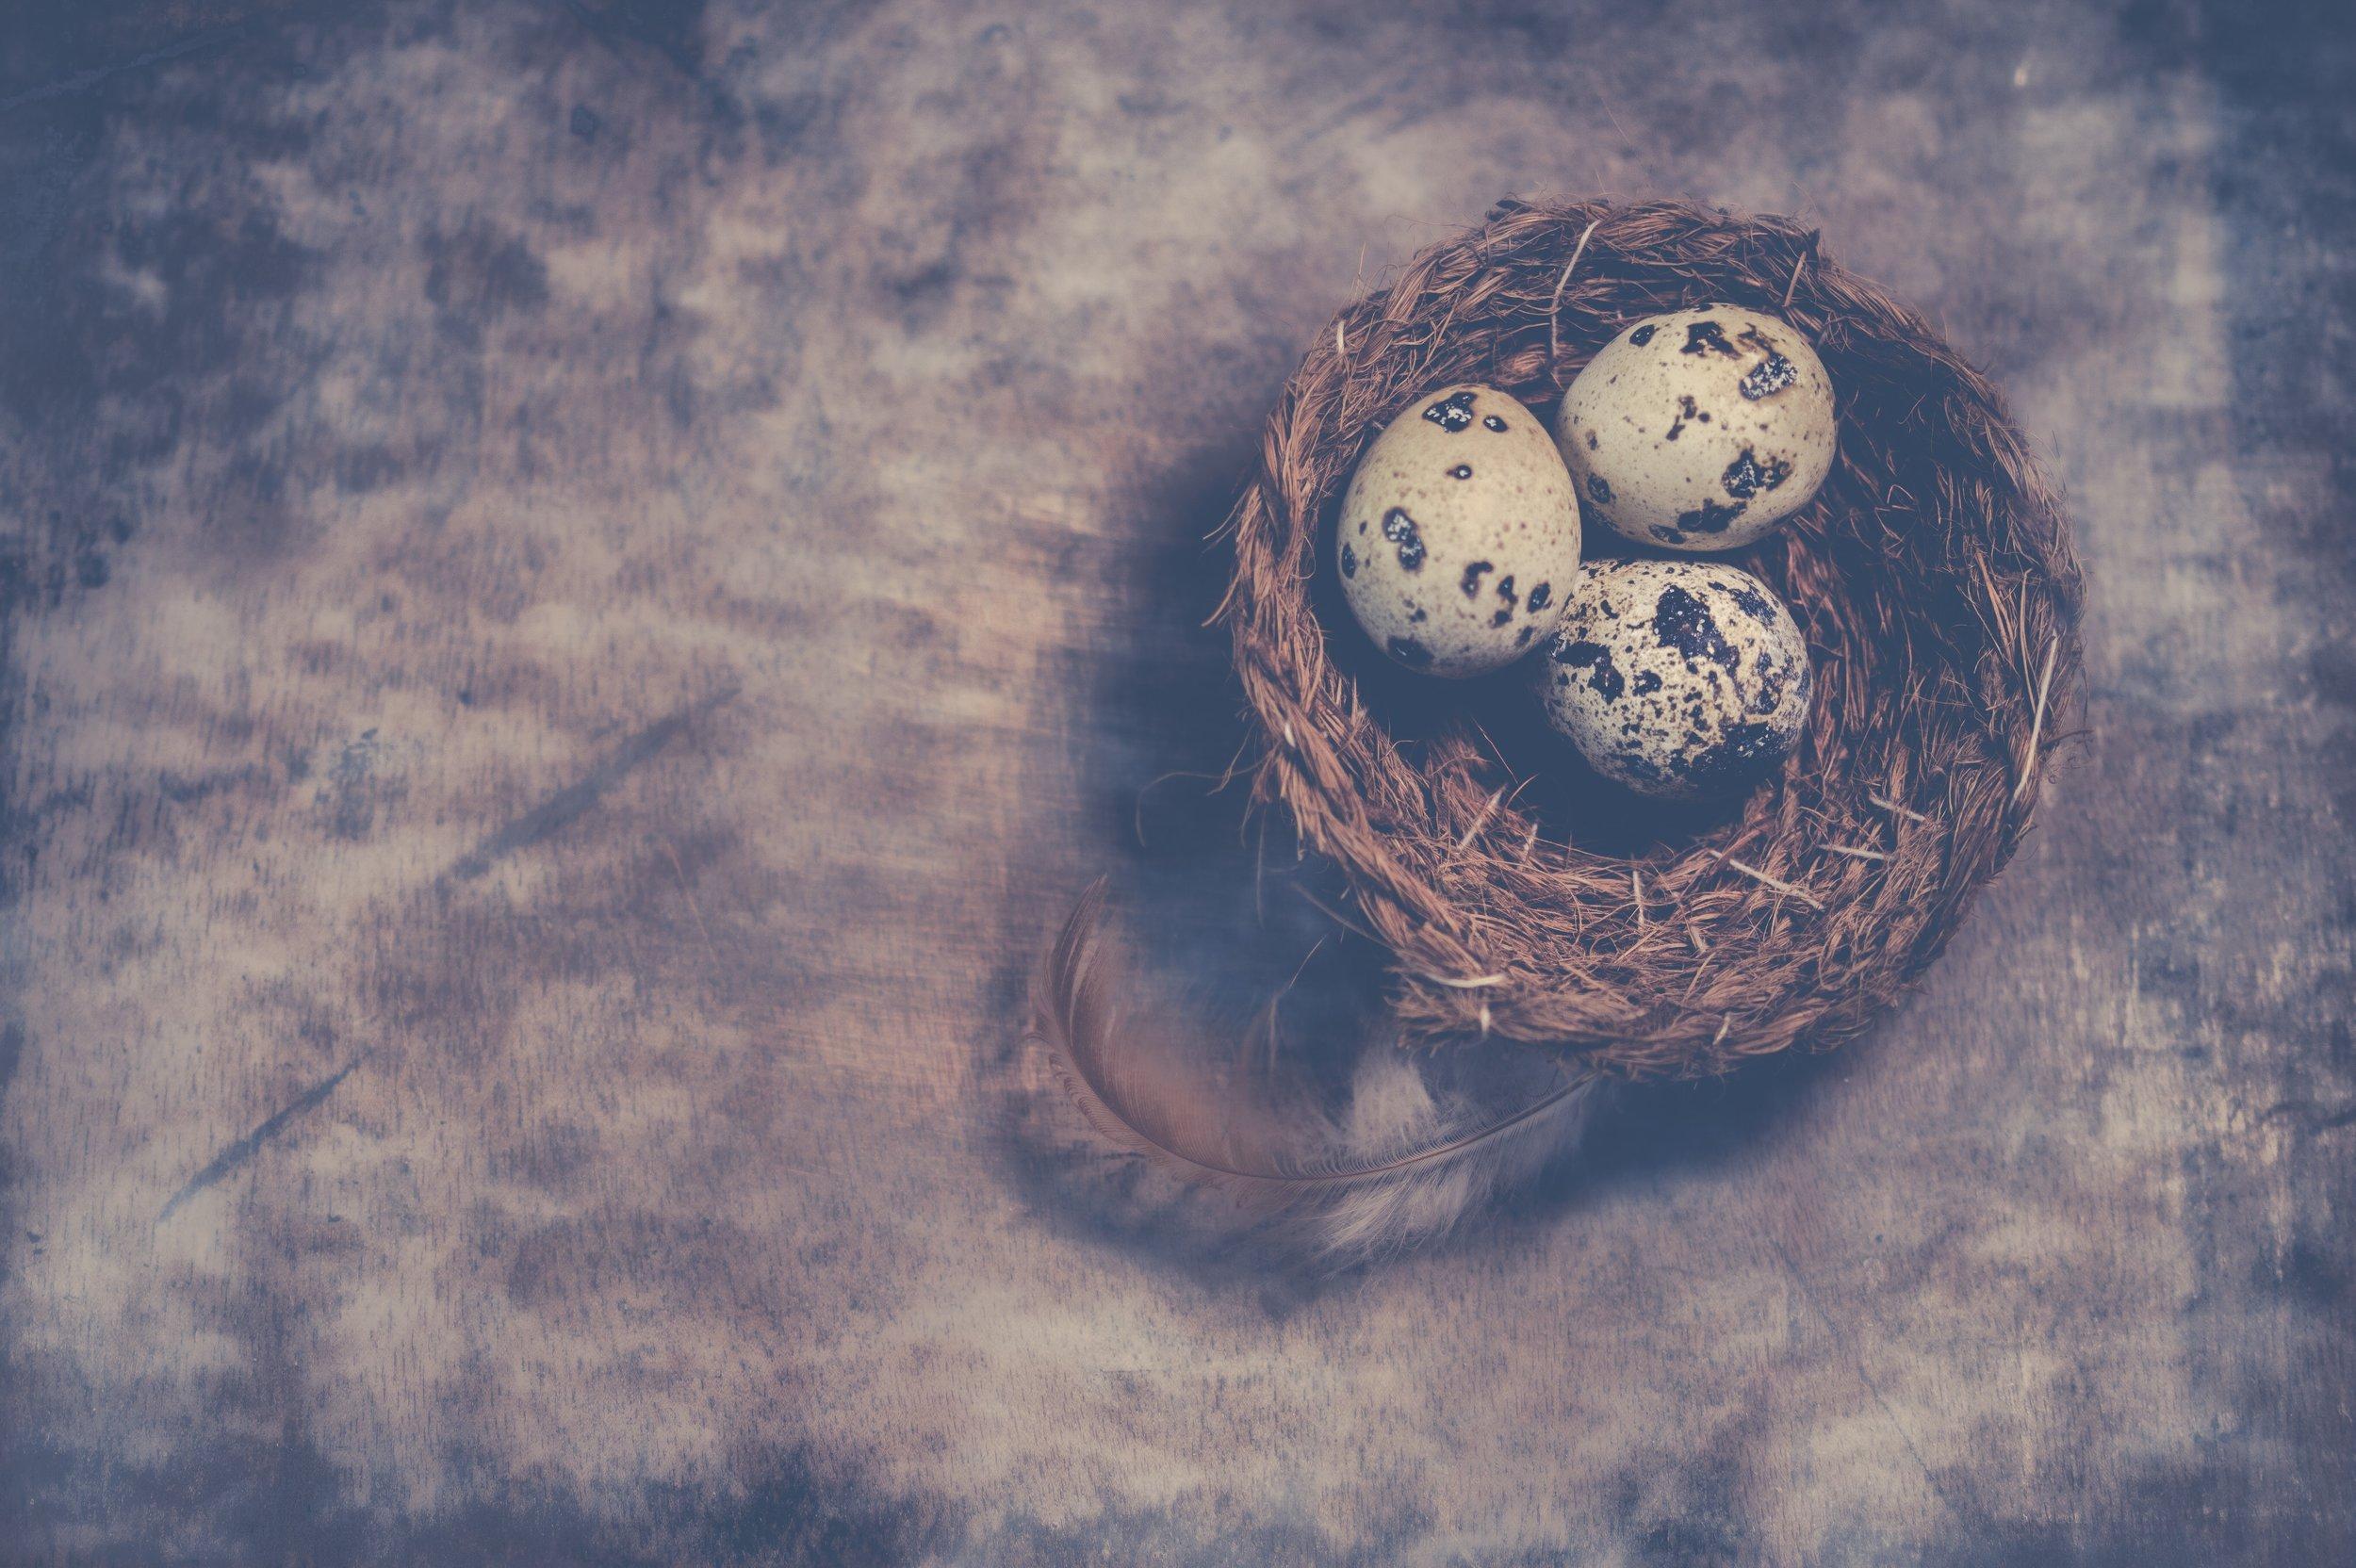 bird-nest-close-up-eggs-810320.jpg